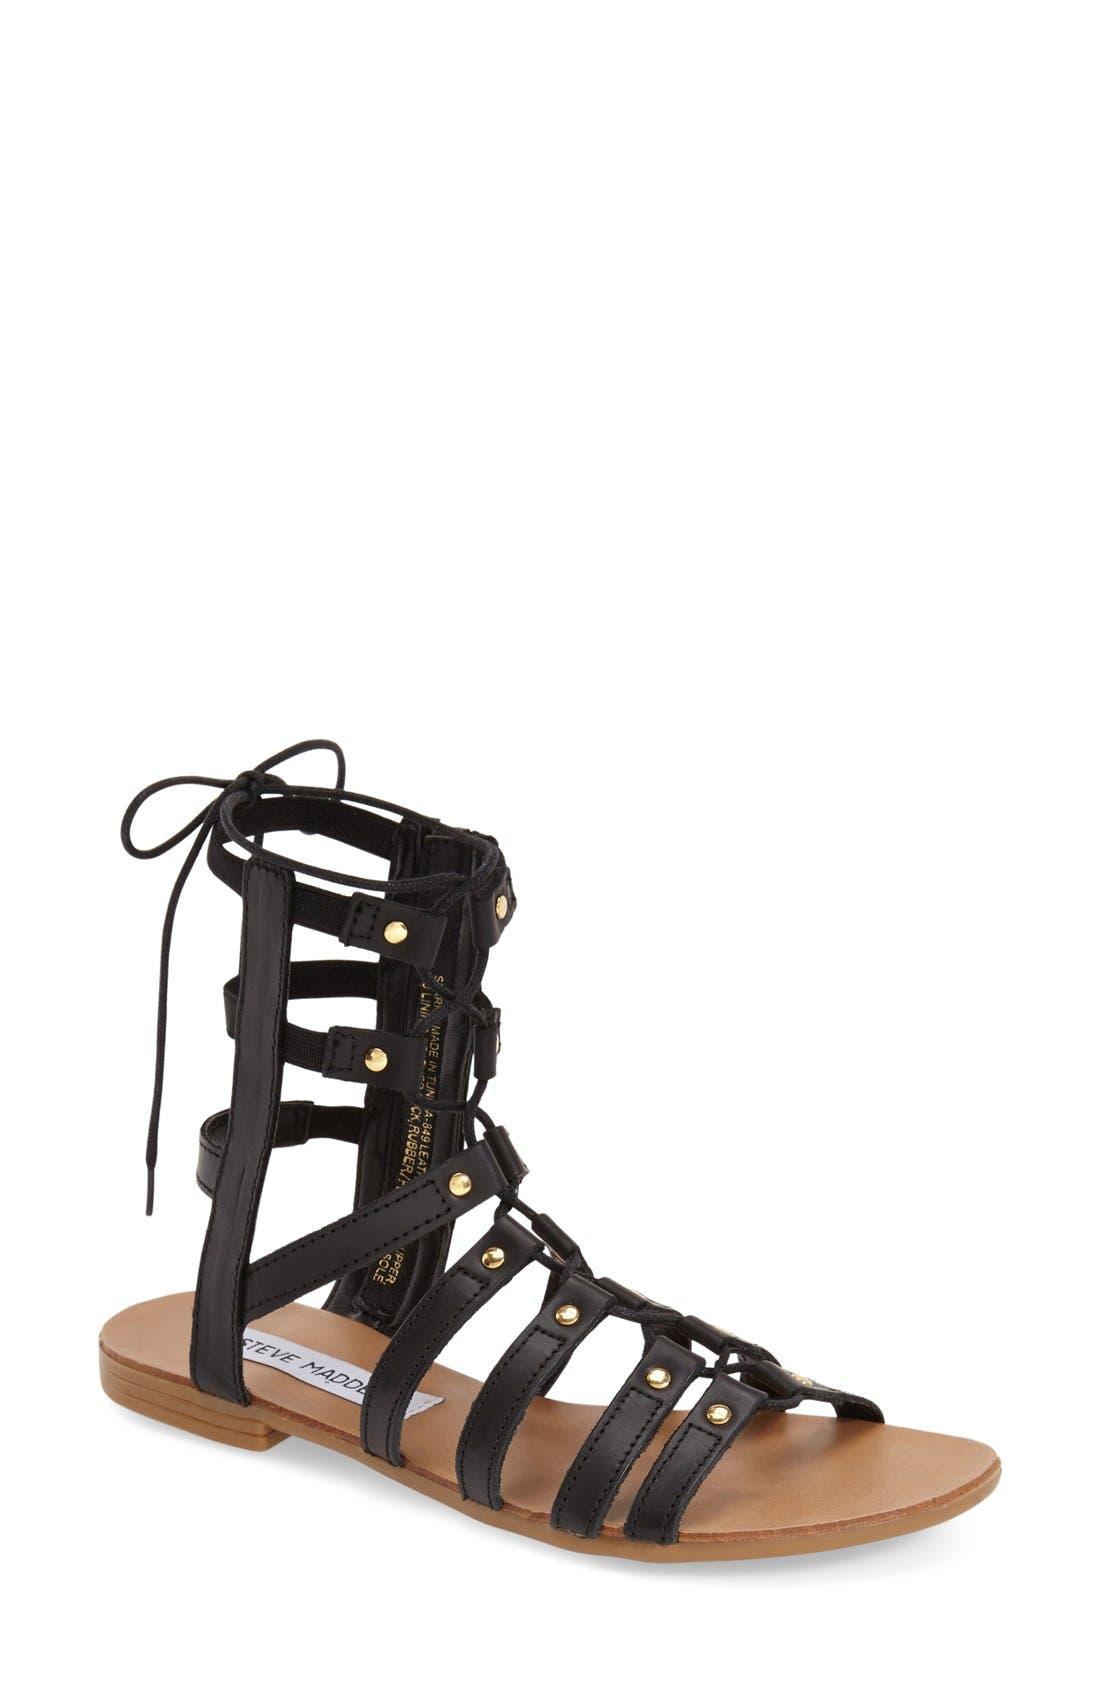 Main Image - Steve Madden 'Sparra' Gladiator Sandal (Women)